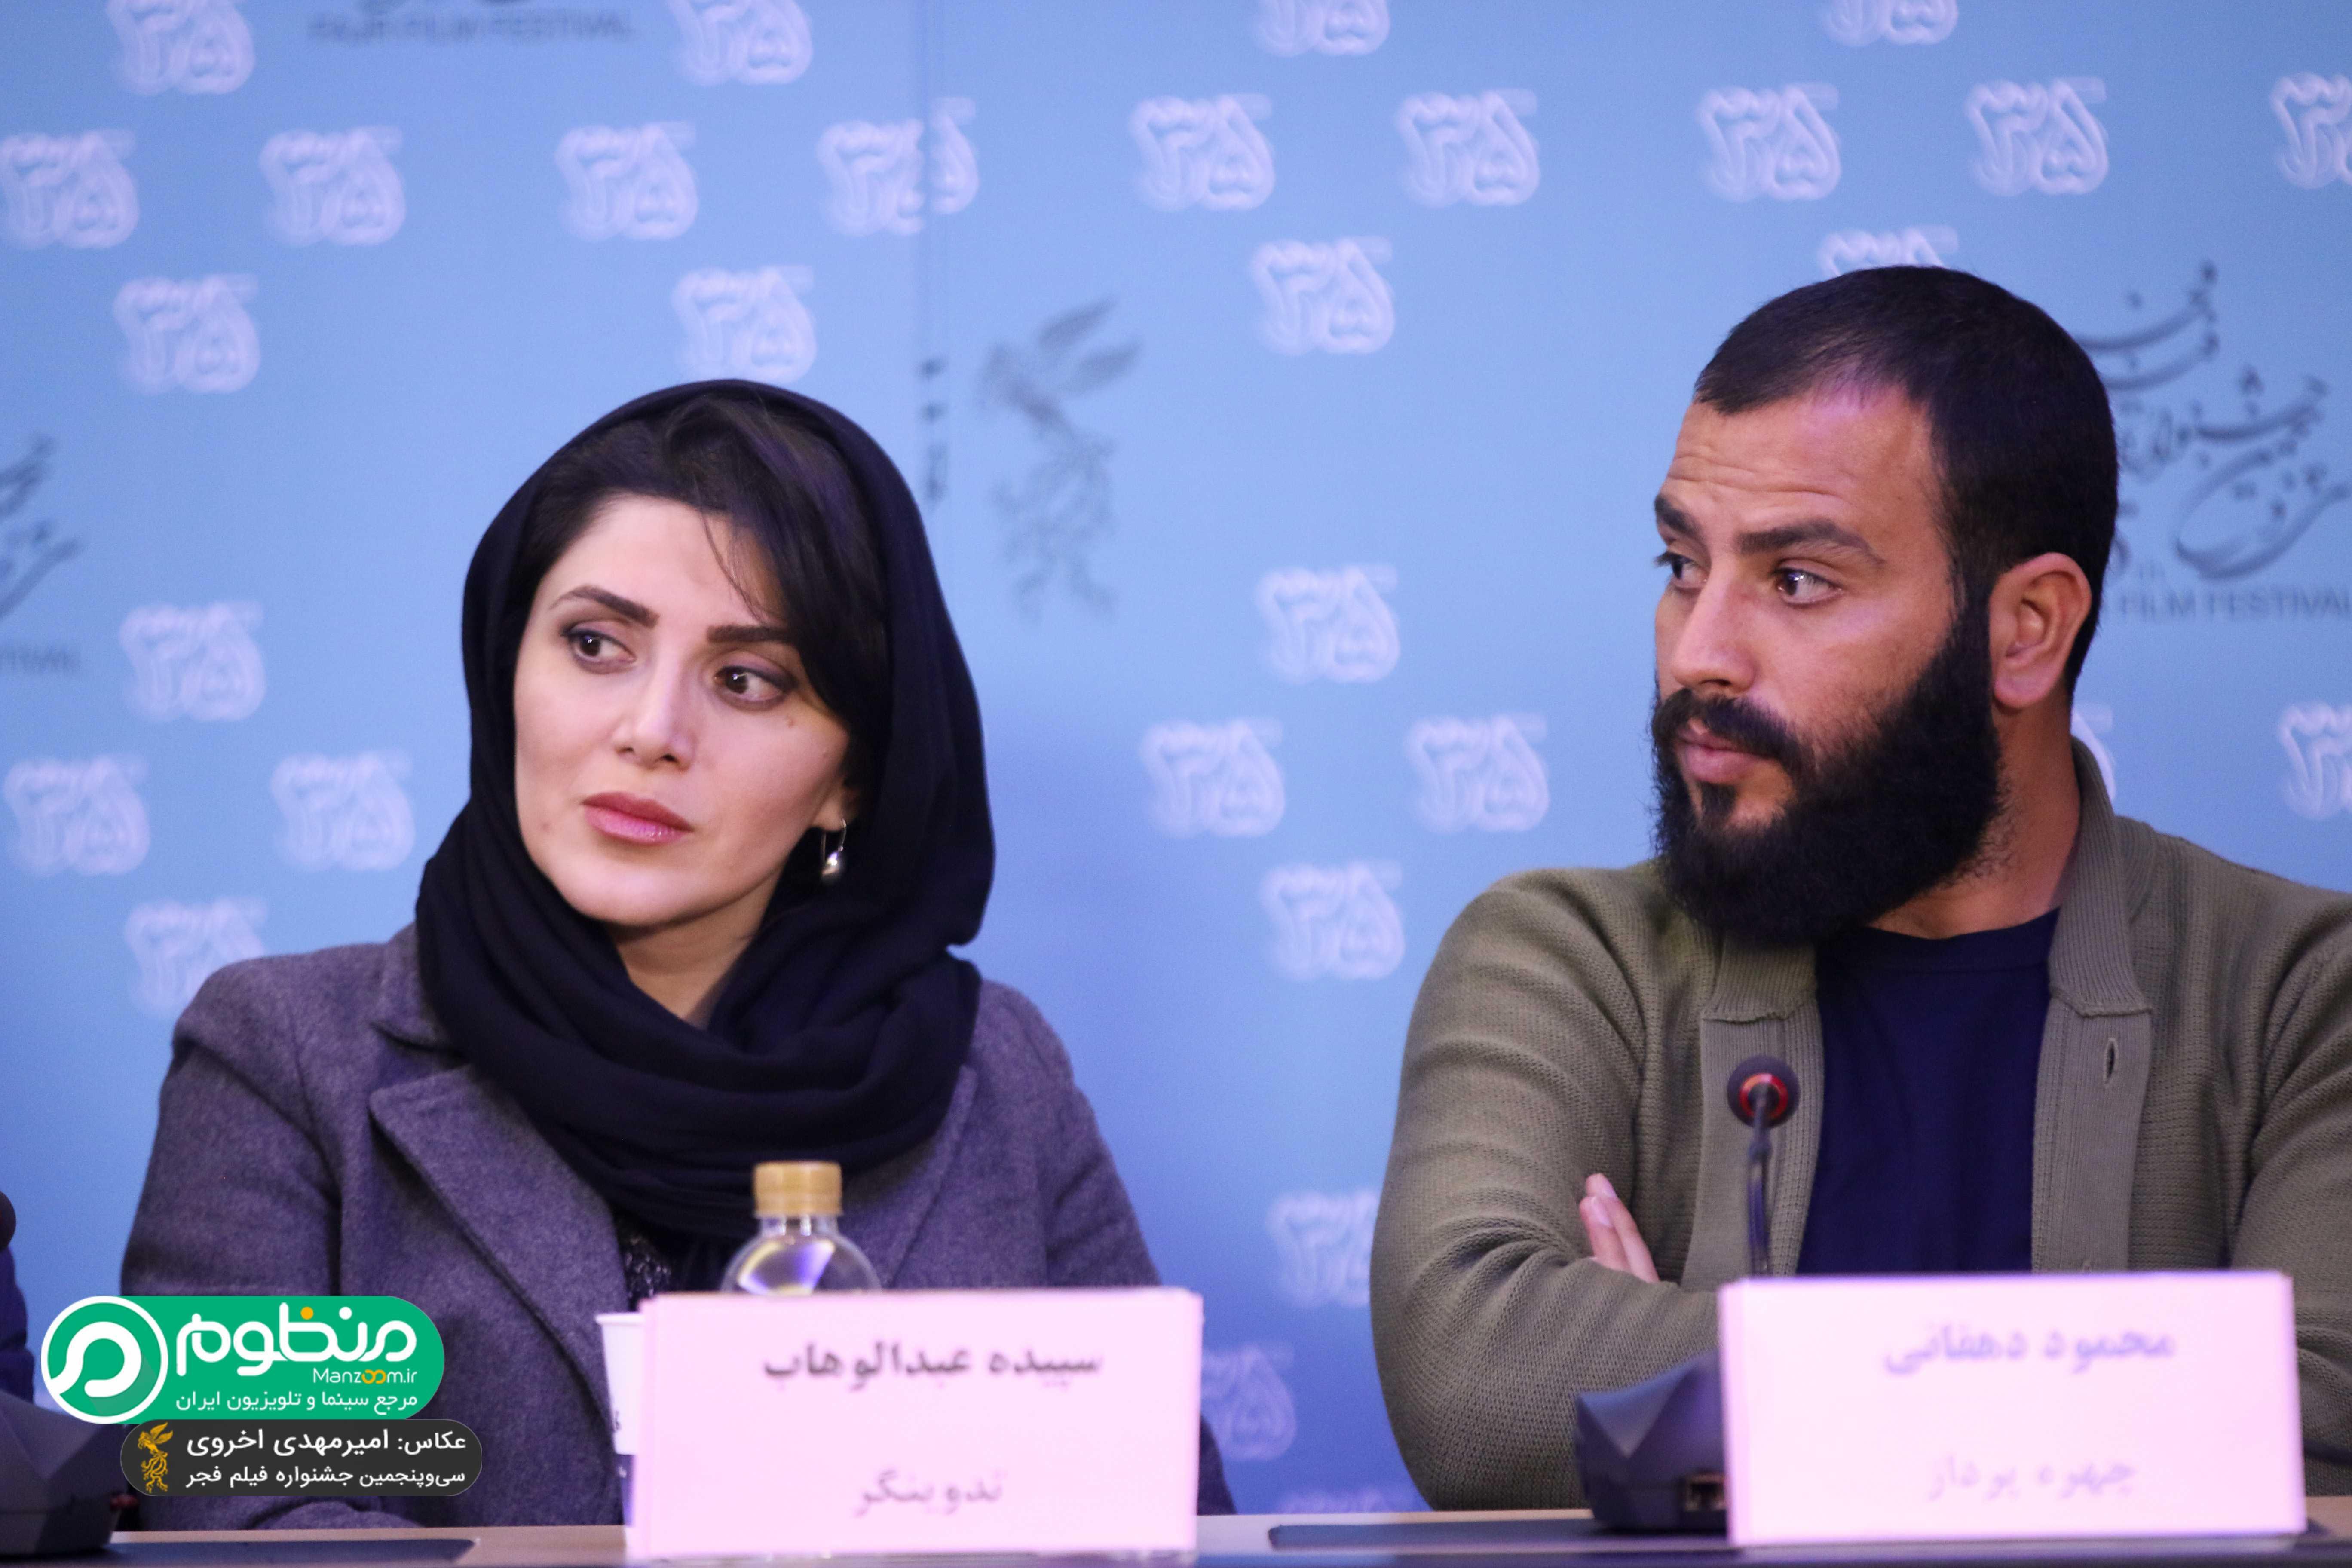 محمود دهقانی در نشست خبری فیلم سینمایی سد معبر به همراه سپیده عبدالوهاب